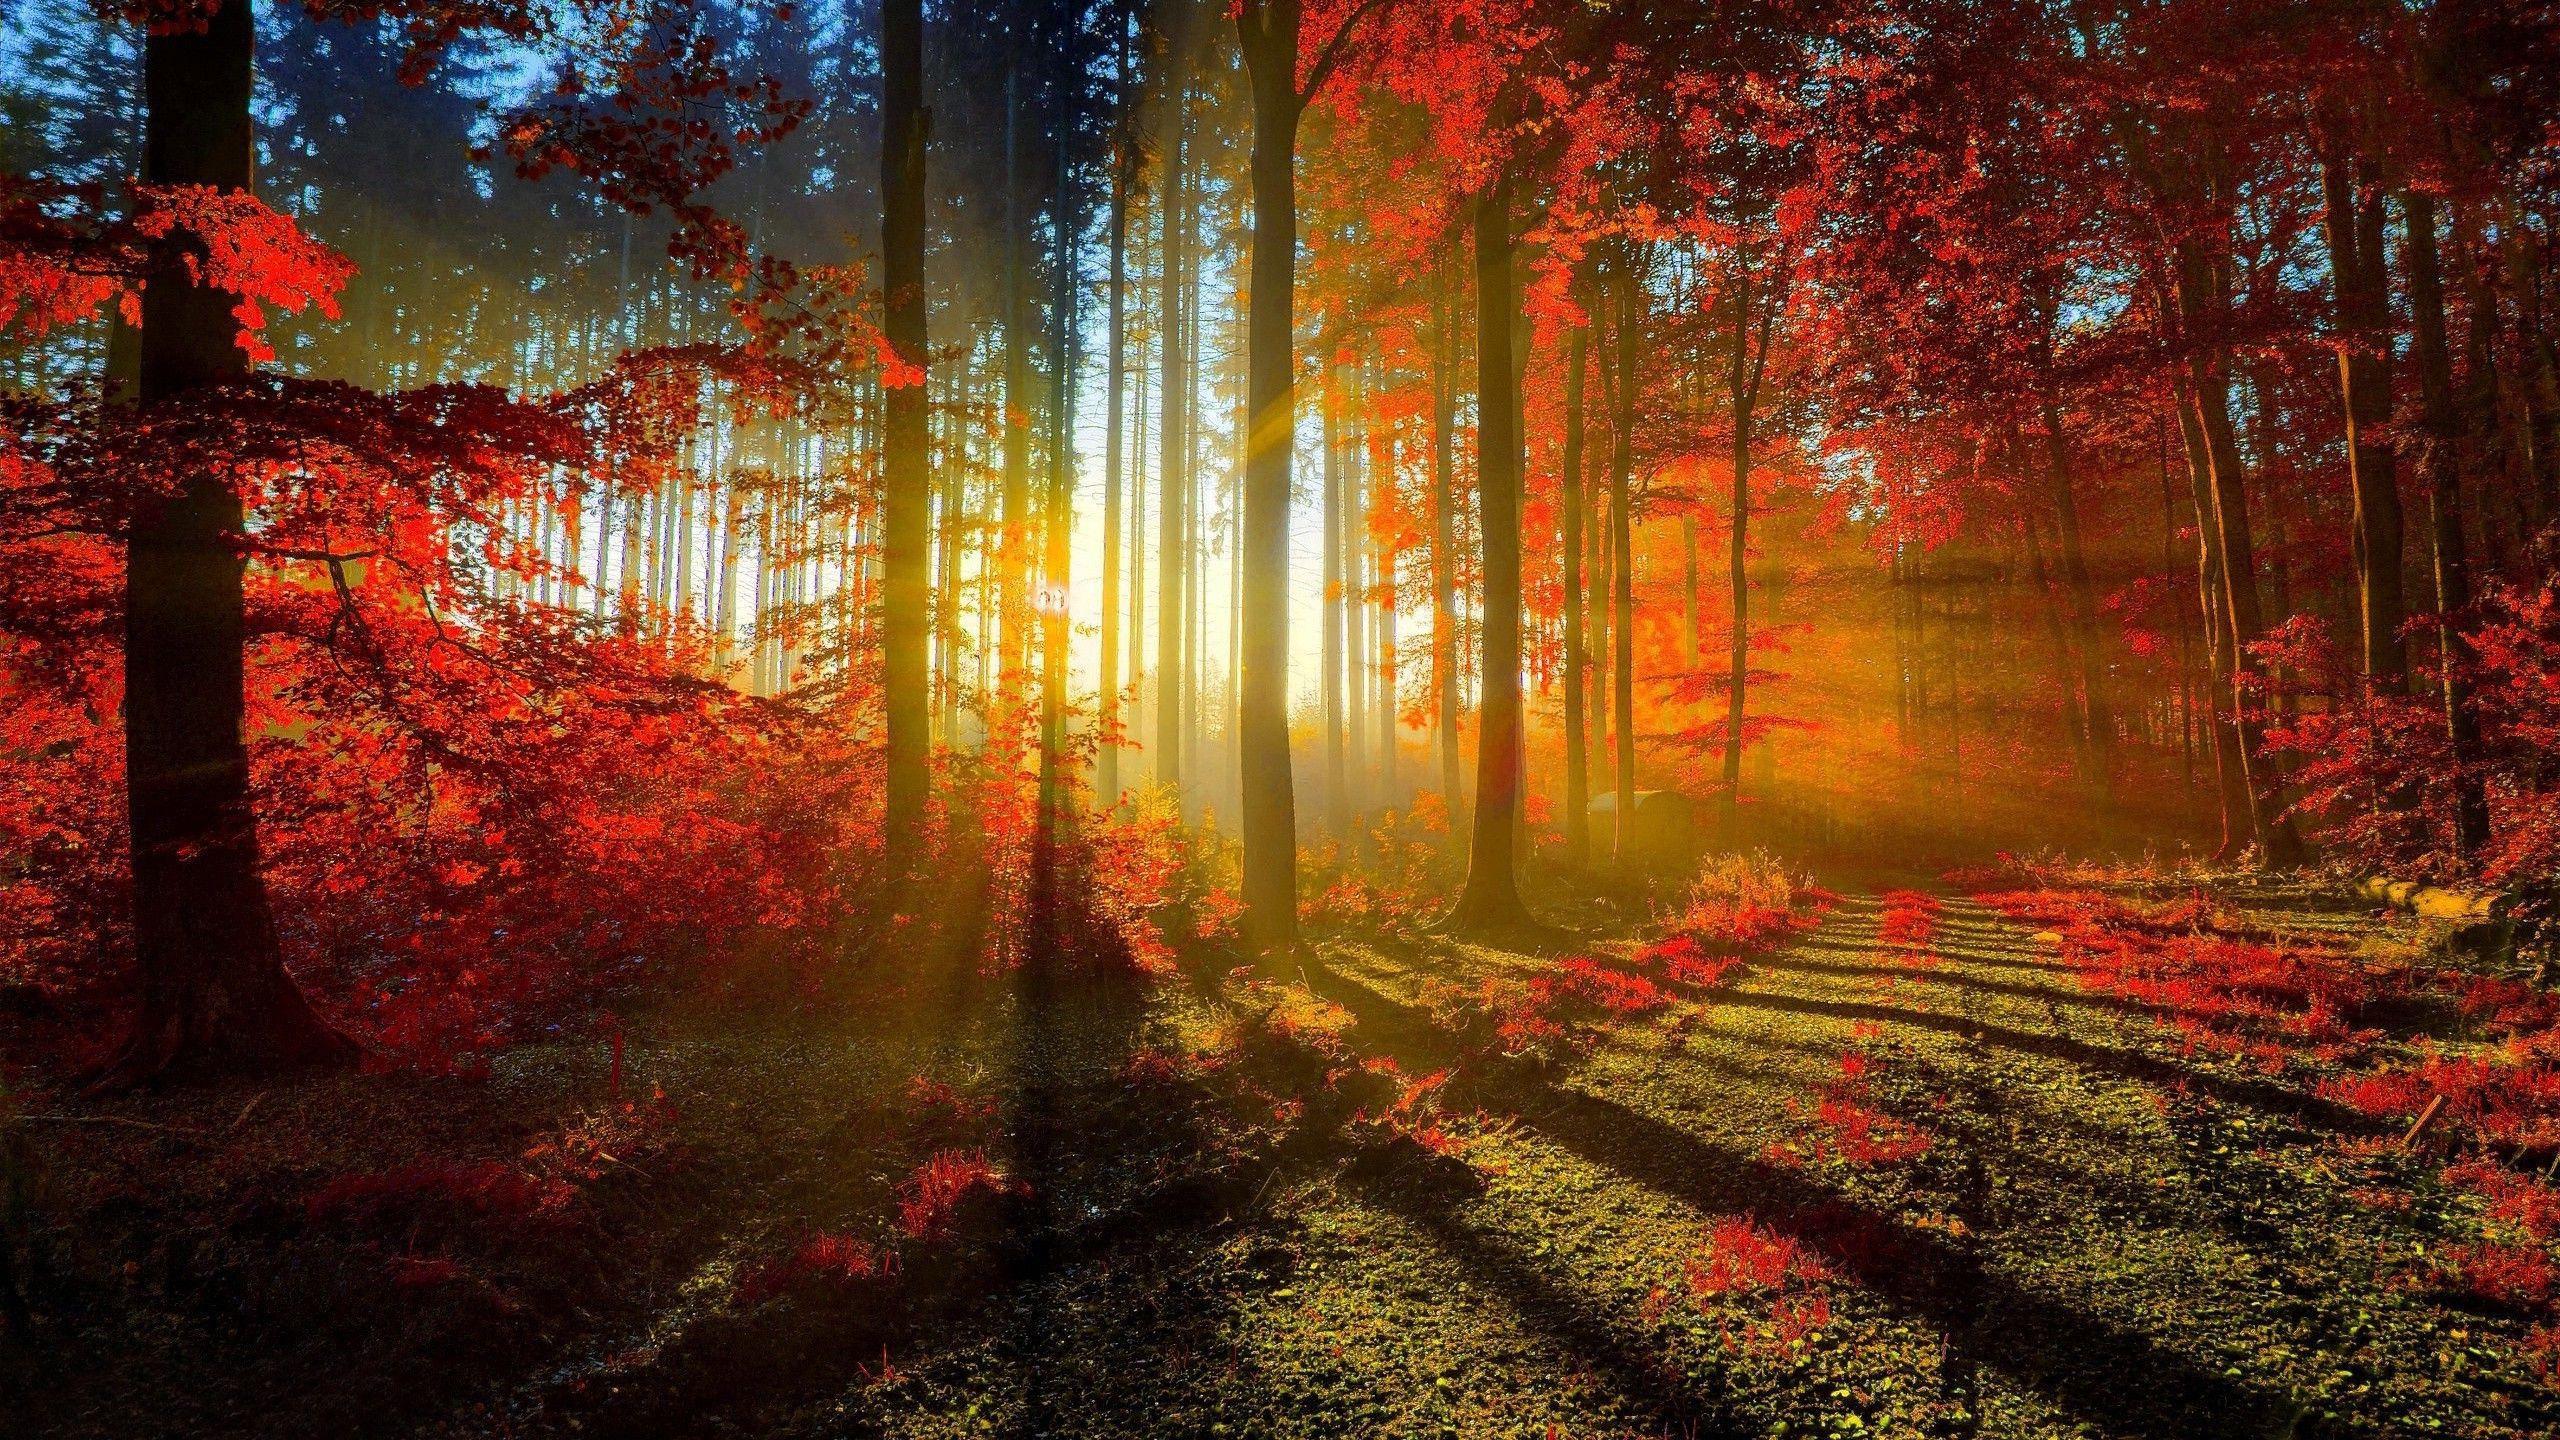 Sunlit Road Through The Autumn Woods Wallpaper 1025002 Hd Wallpapers Wallpaper Desktop Kertas Dinding Pemandangan